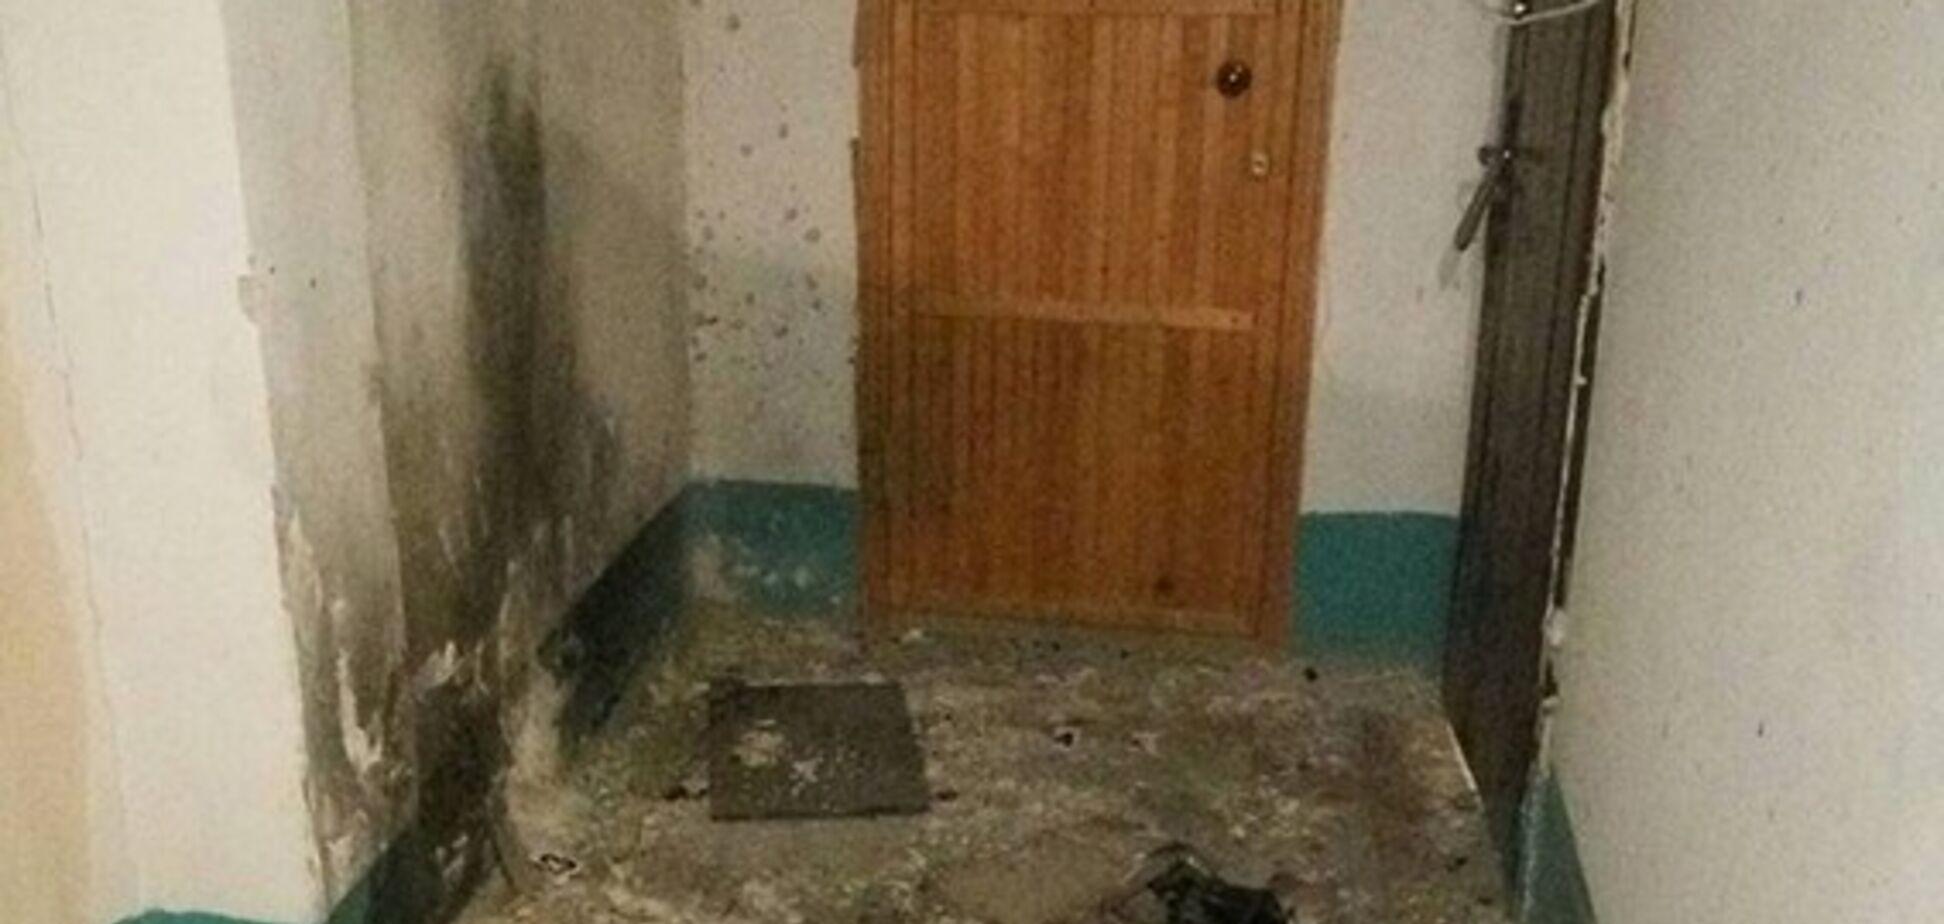 Подрыв полицейских в Днепре: появилась жуткая информация о пострадавшем